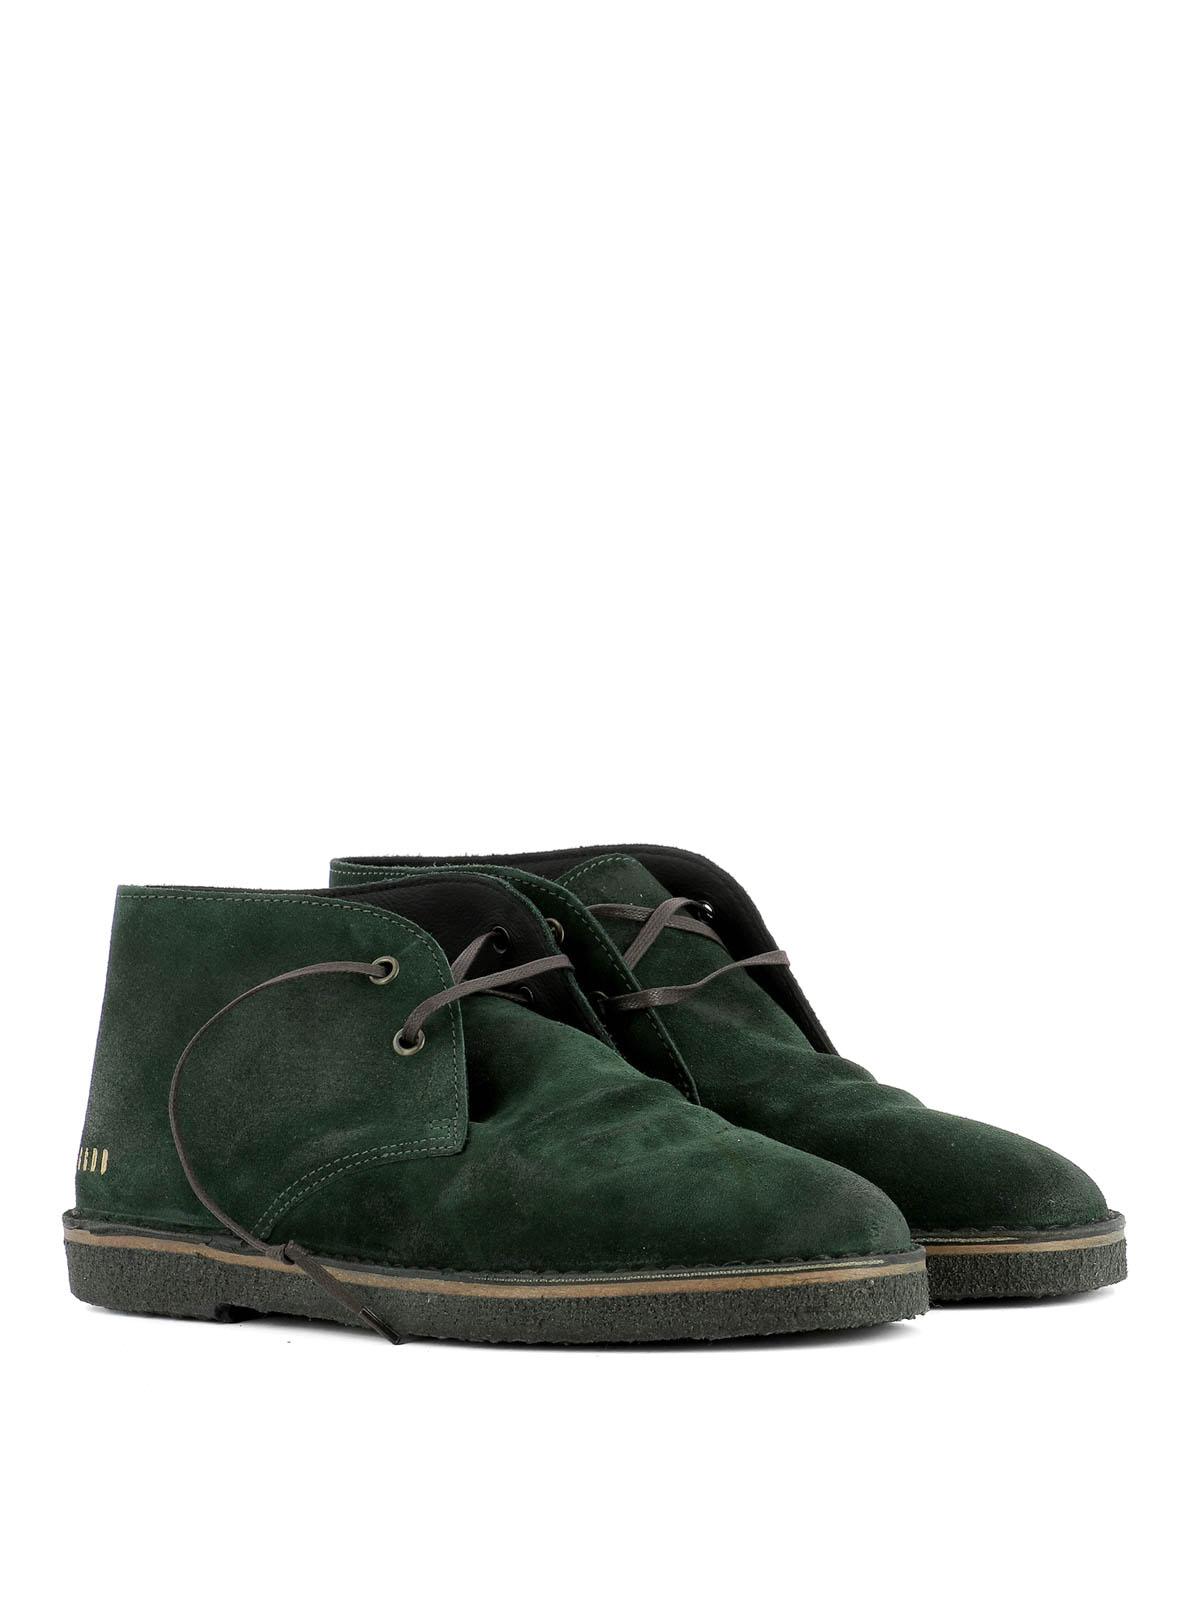 desert boots - lace-ups shoes